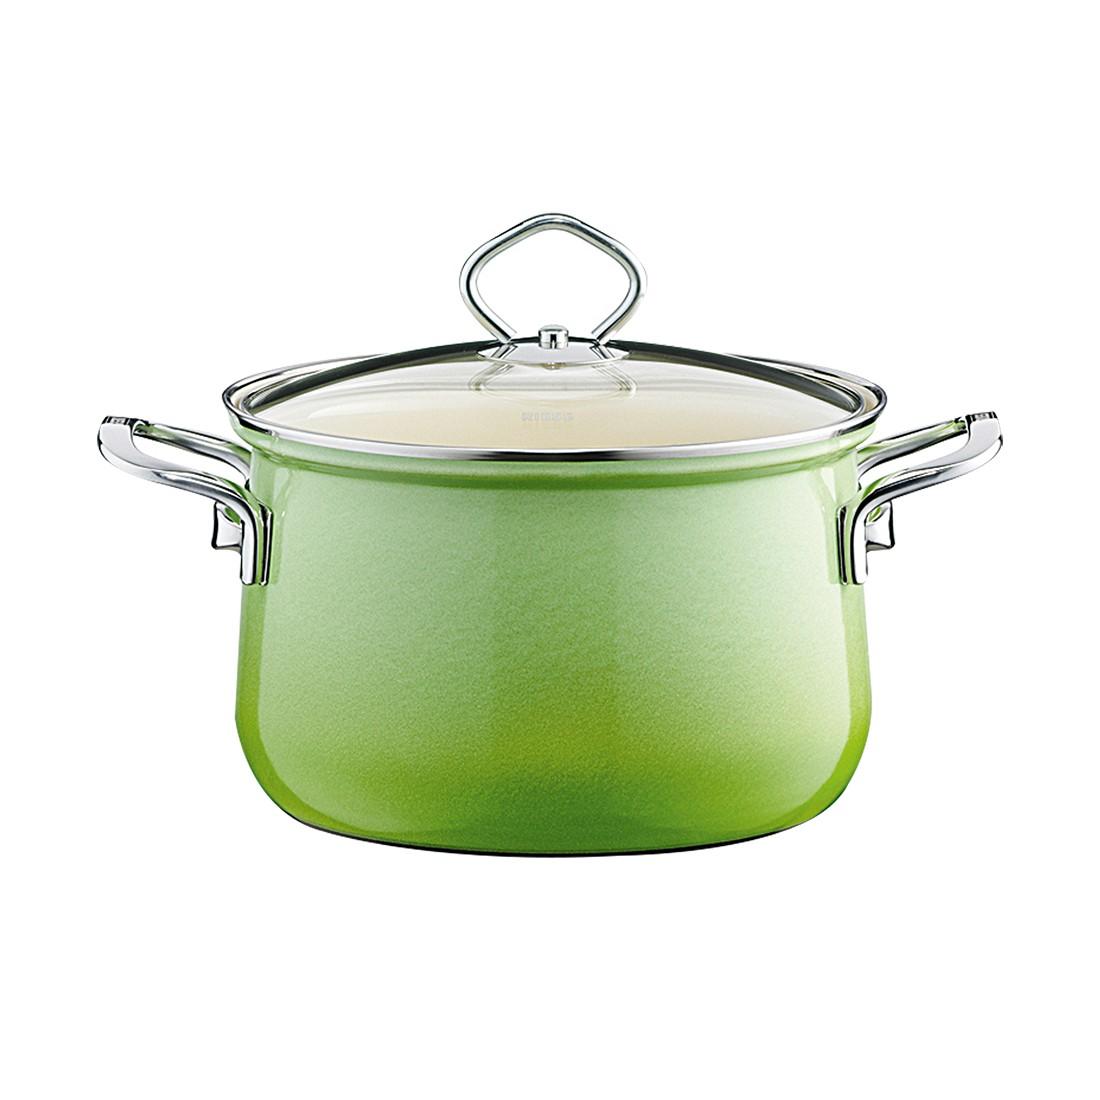 Emaille Fleischtopf Smaragd – Emaille Grün – 16 cm 1,5 Liter, Riess günstig online kaufen